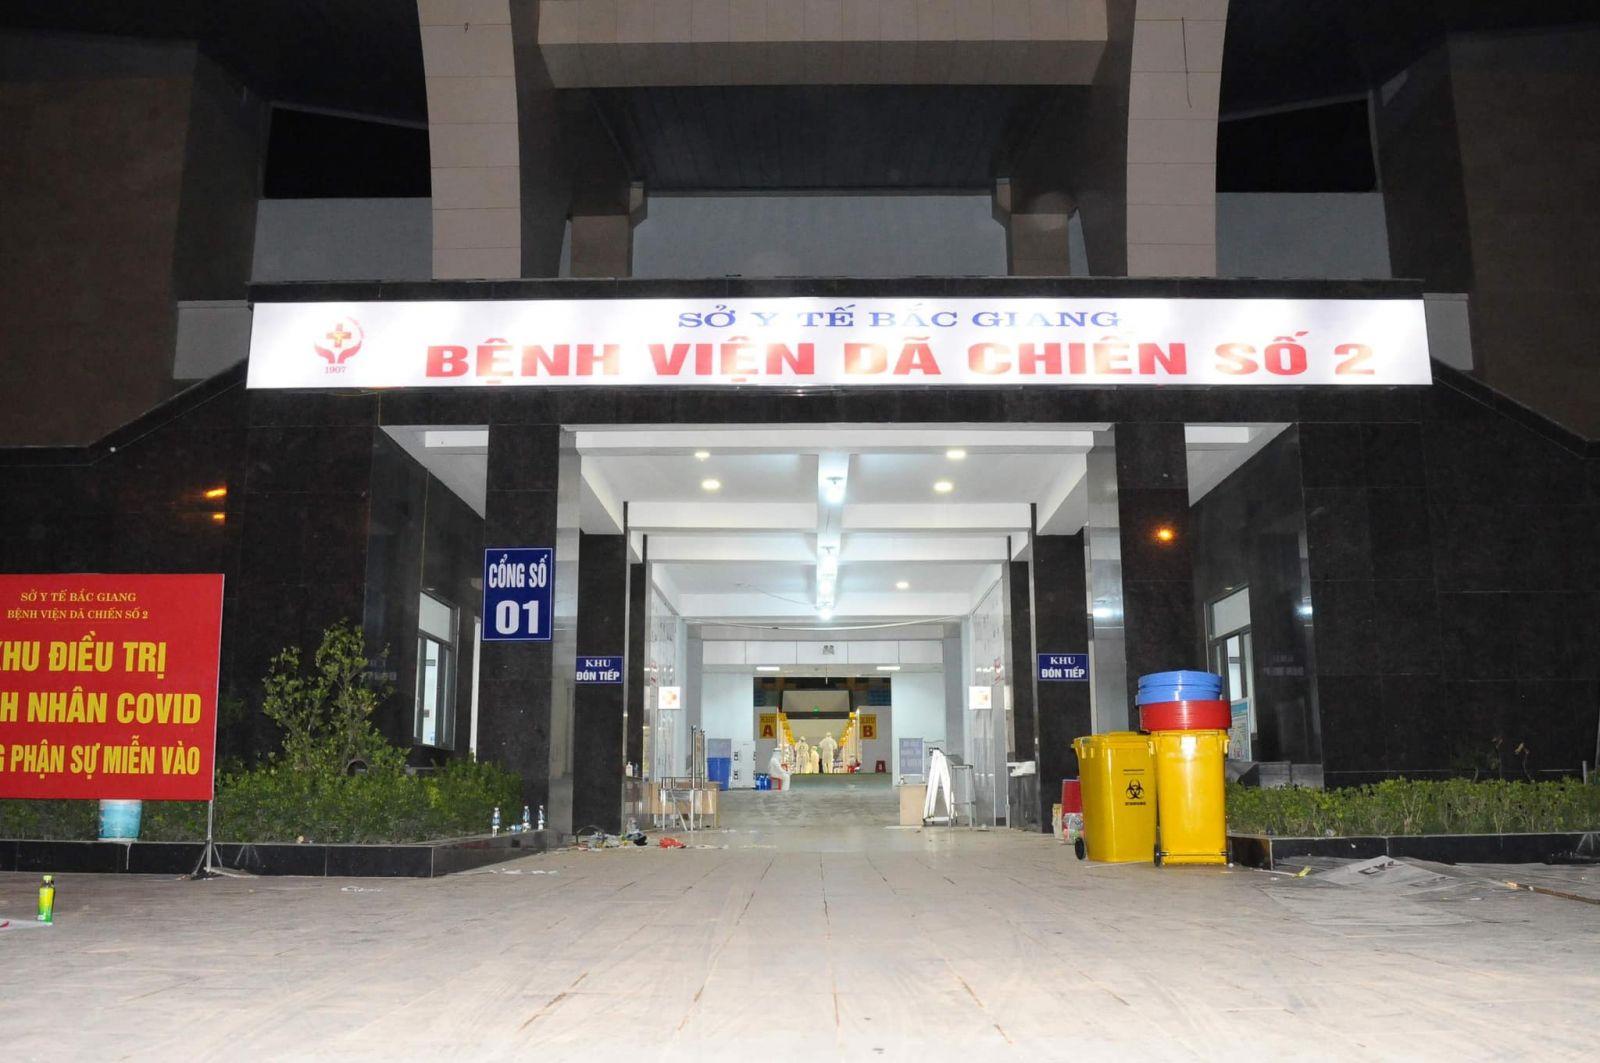 Bệnh viện dã chiến số 2 tỉnh Bắc Giang